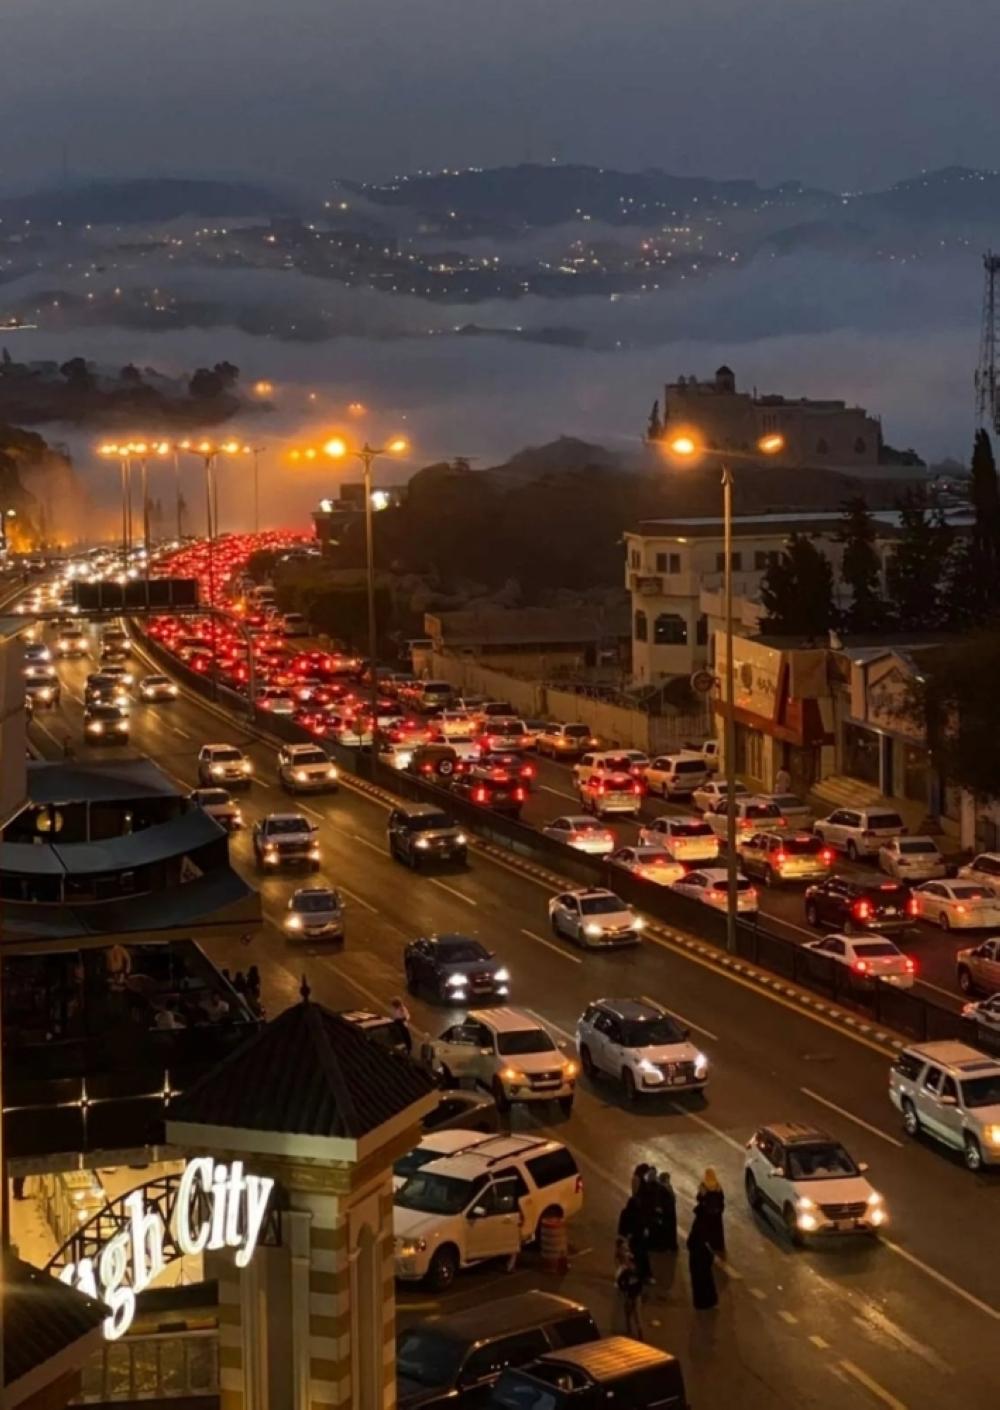 صورة متداولة على مواقع التواصل لزحام السيارات في الحزام الدائري بأبها خلال أوقات المساء